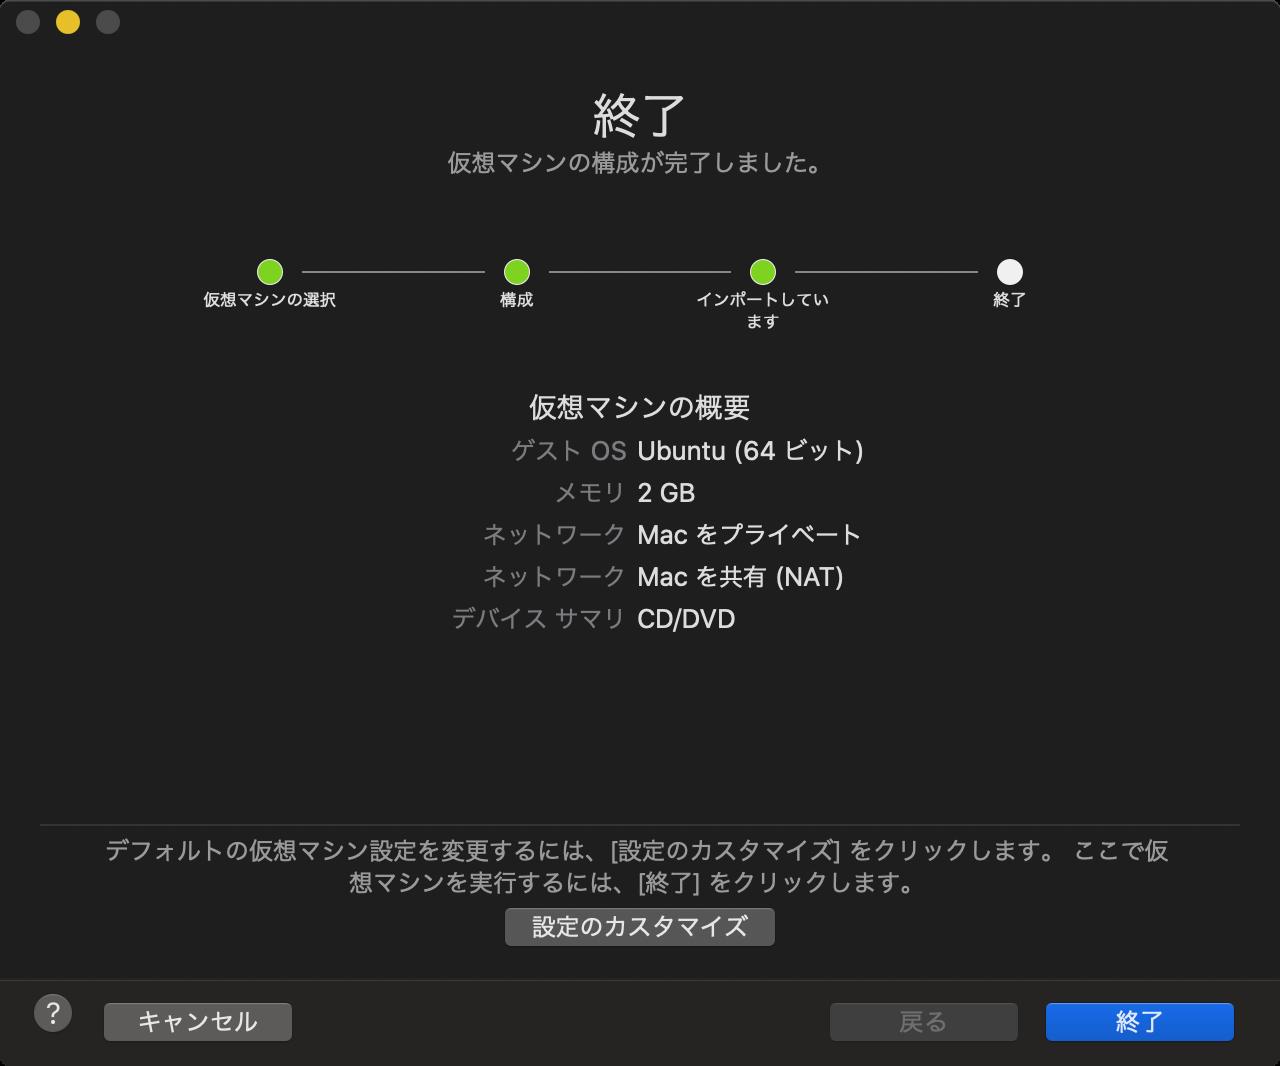 スクリーンショット 2020-06-28 15.43.28.png